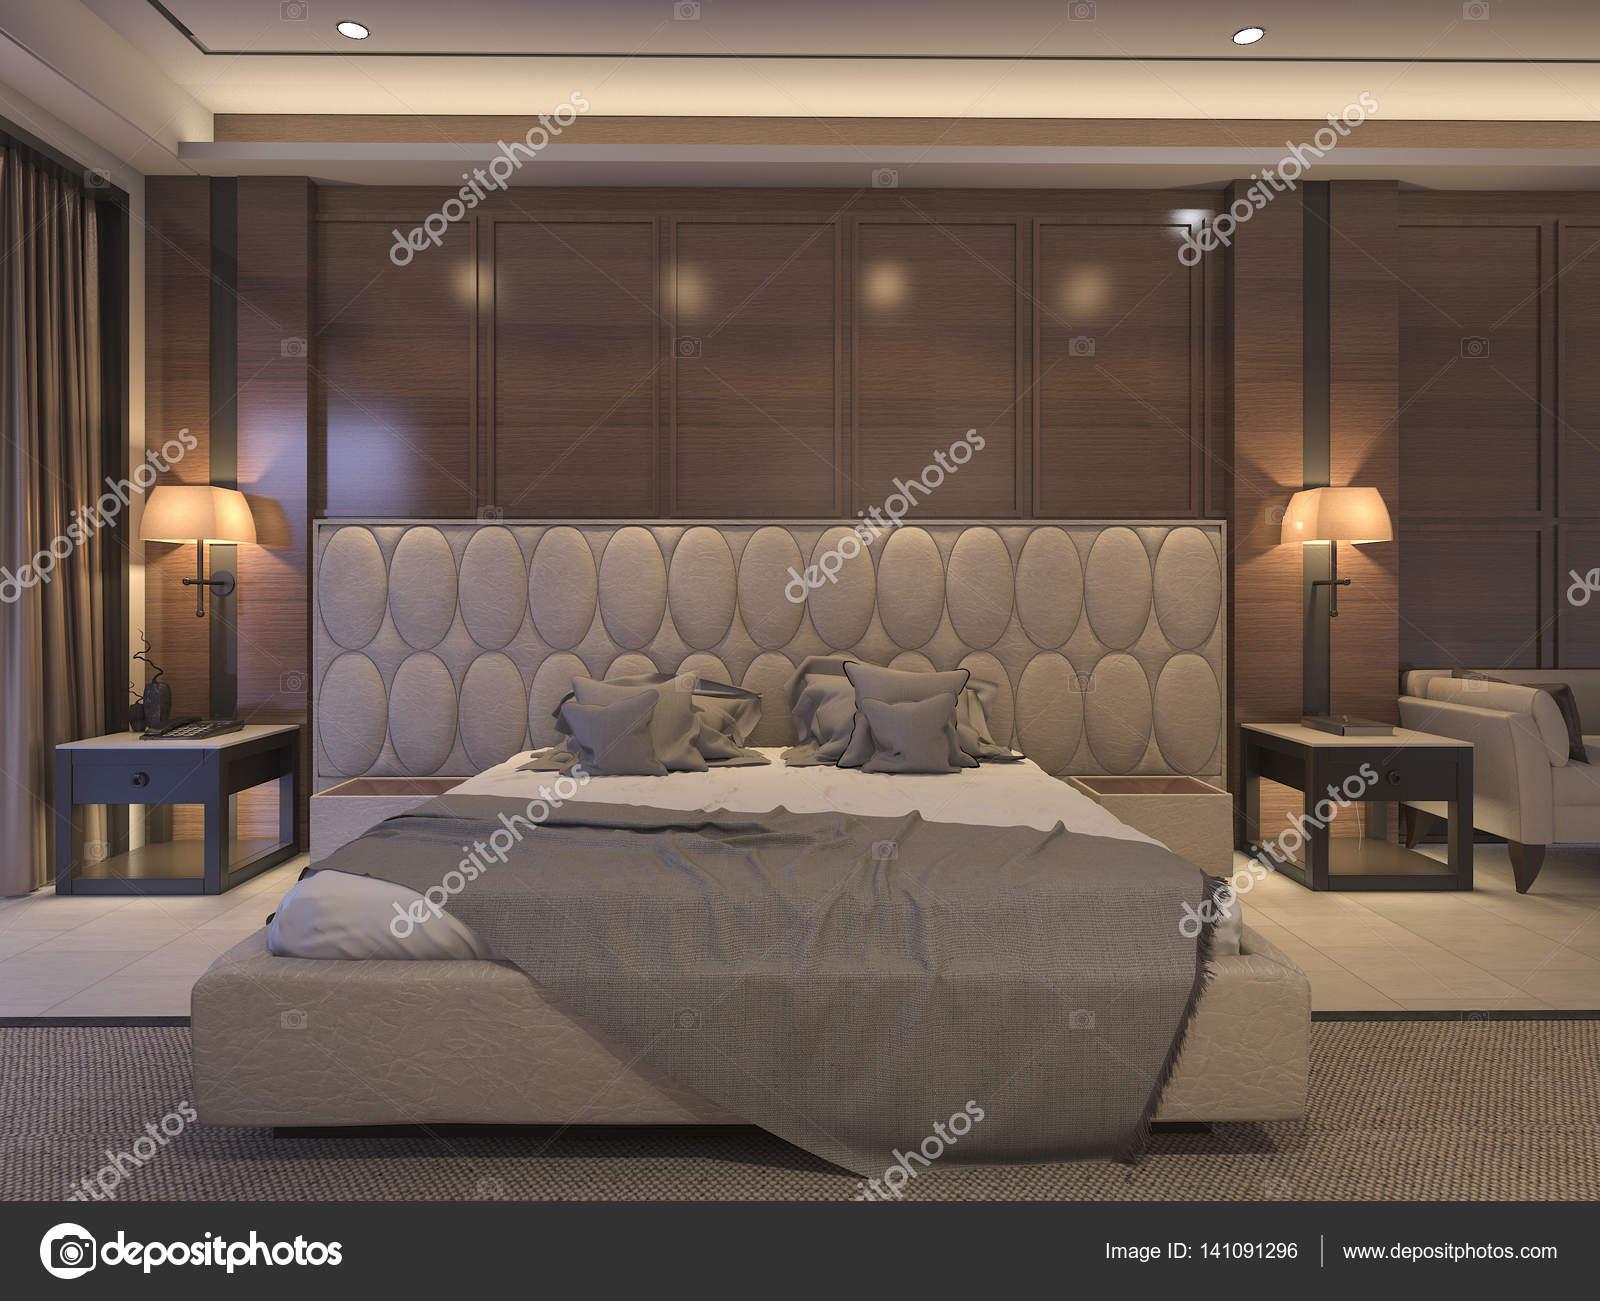 Schon 3D Rendering Klassische Schlafzimmer Mit Luxuriösen Dekor Und Romantischen  Bett U2014 Stockfoto